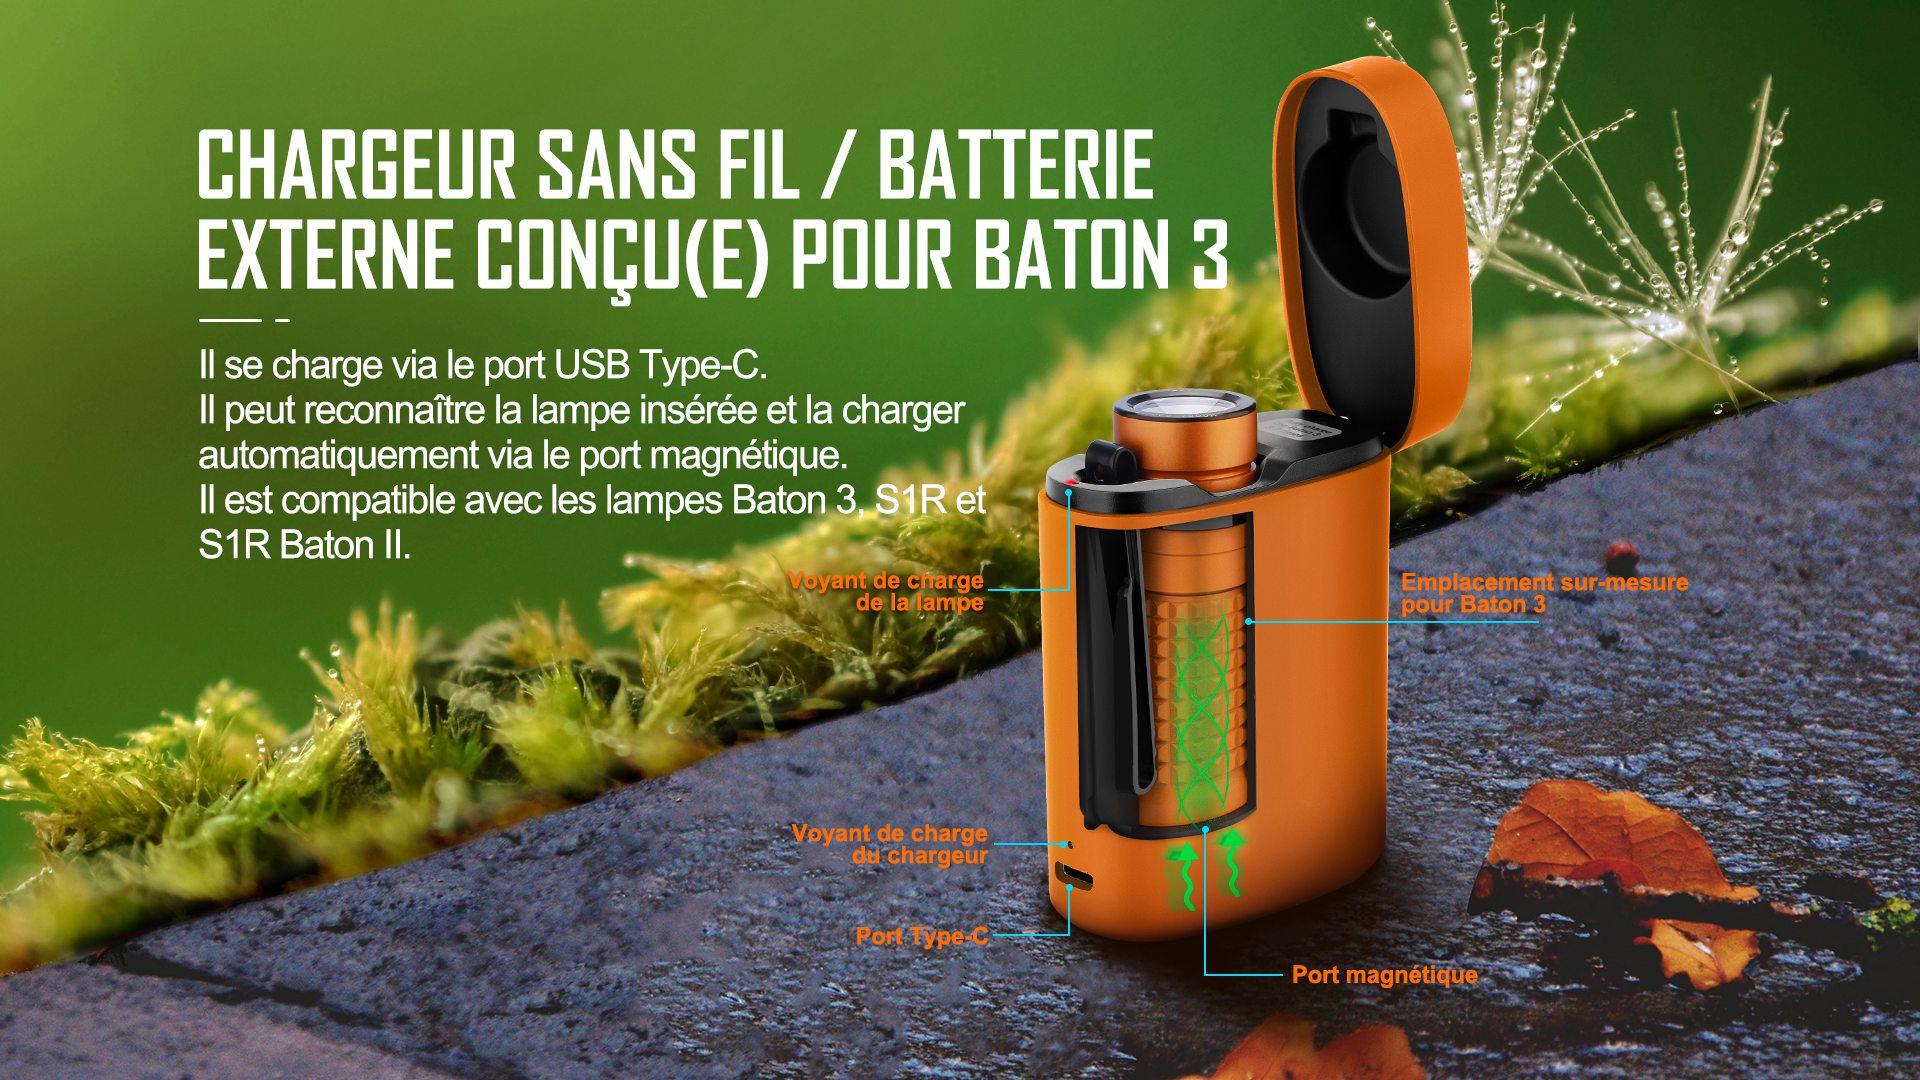 Chargeur sans fil de la Baton 3